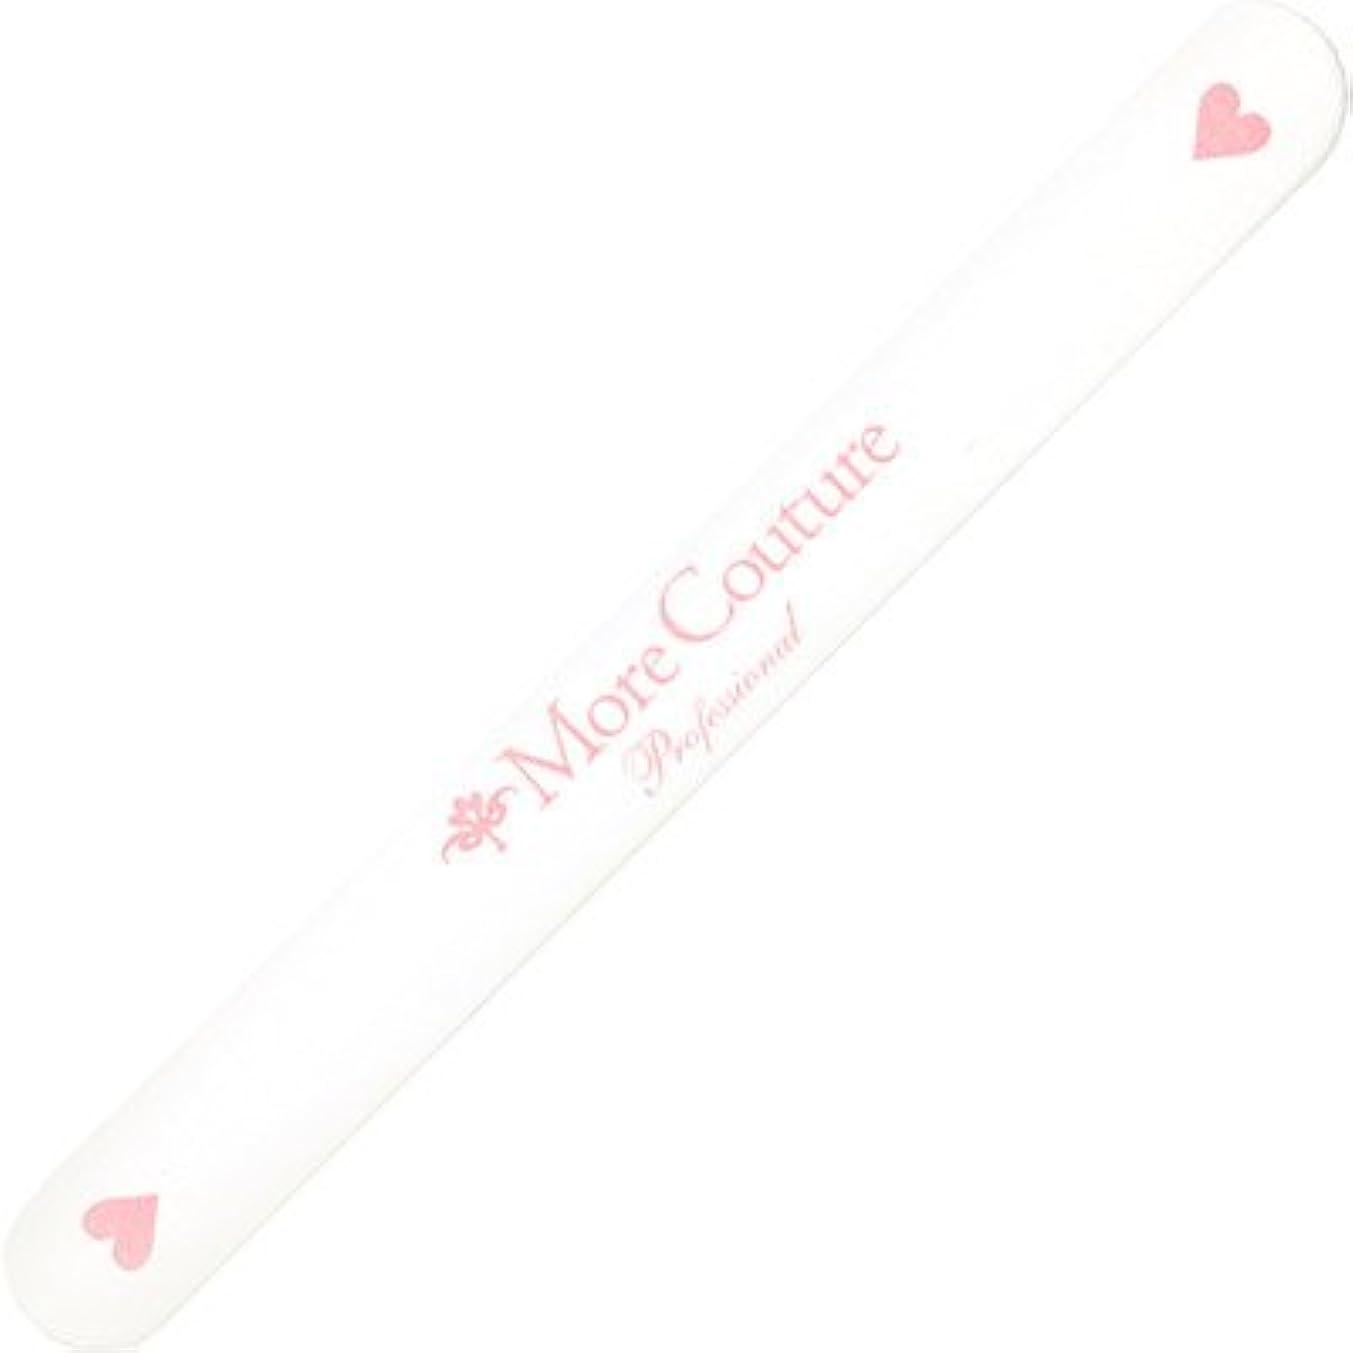 ジョリータックルホテルMore Couture(モアクチュール)エメリーボード ハート#120/240